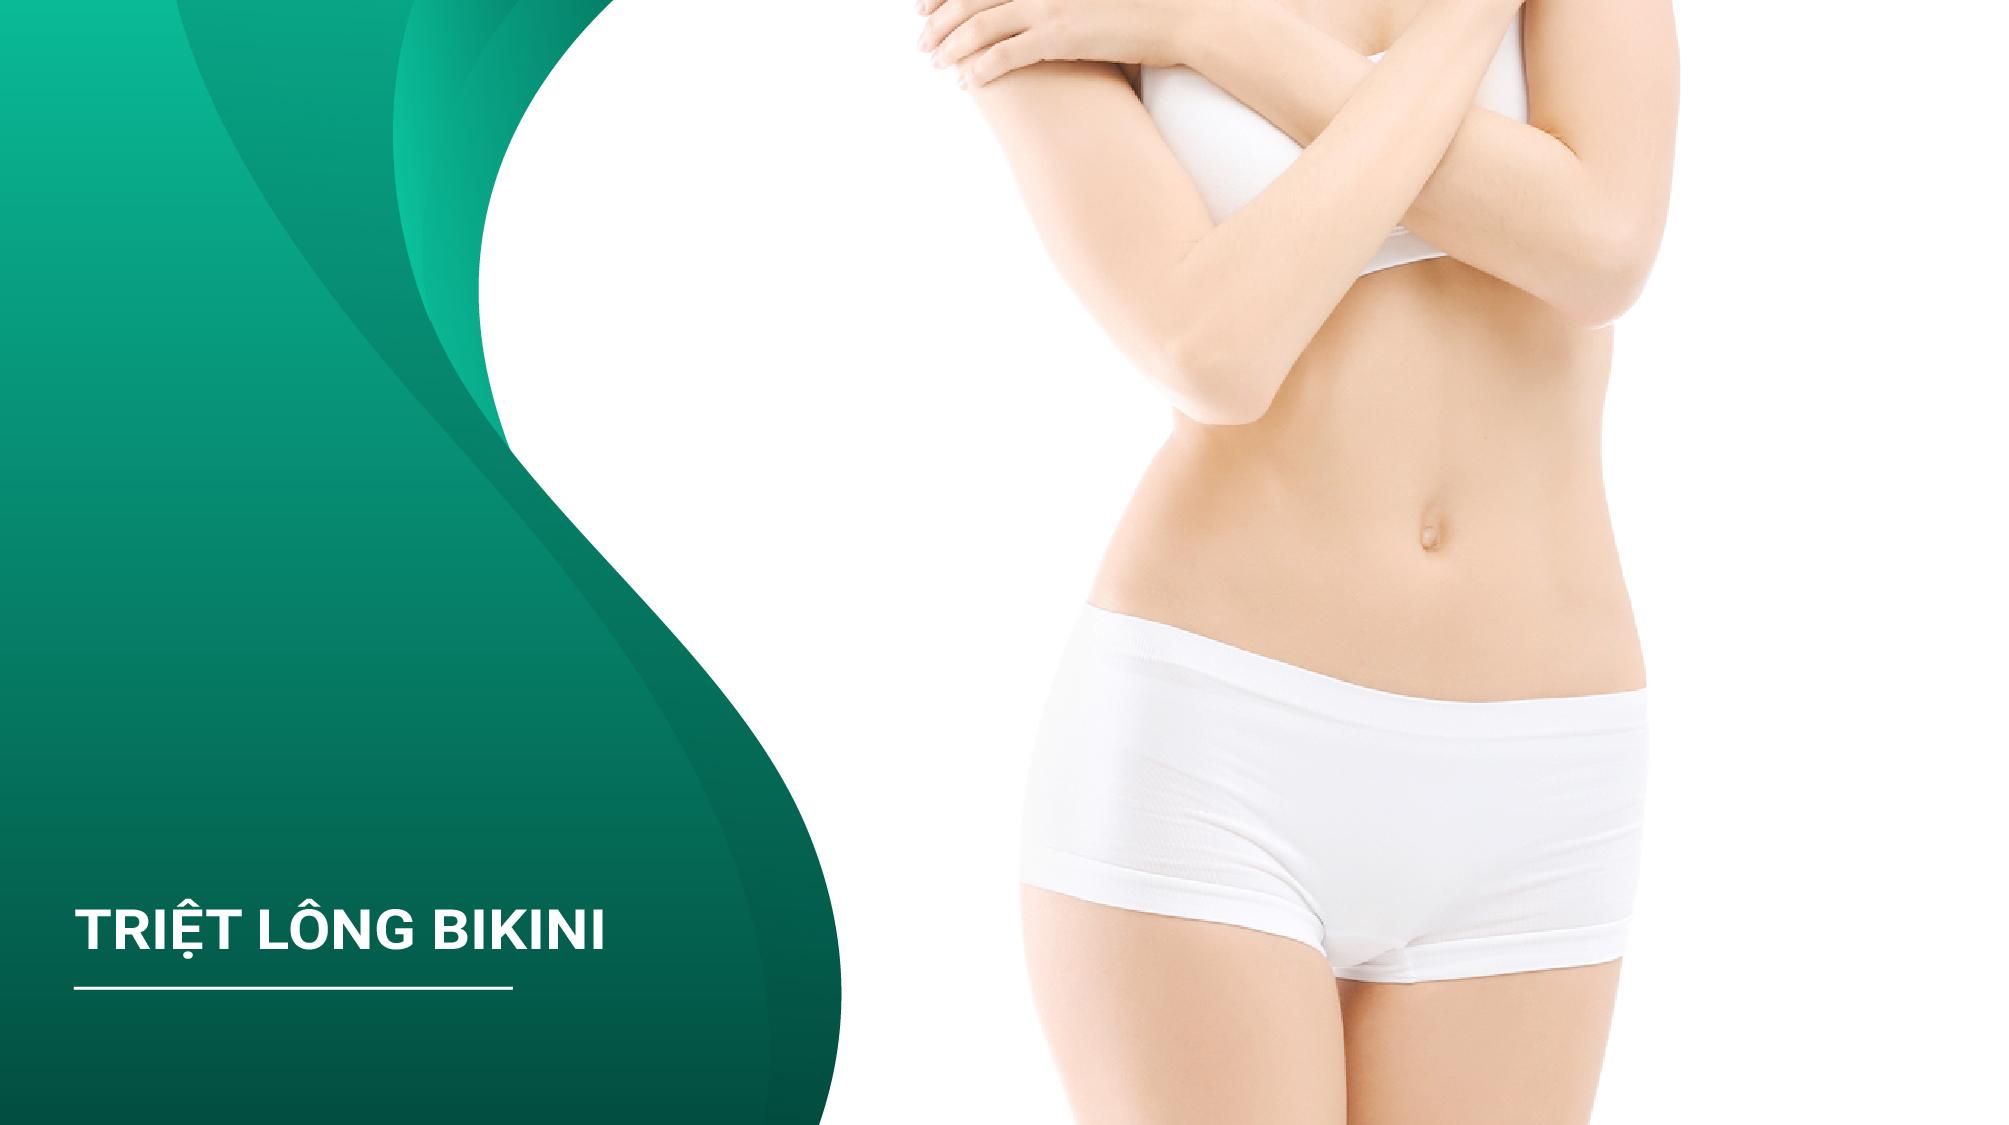 Triệt Lông Bikini